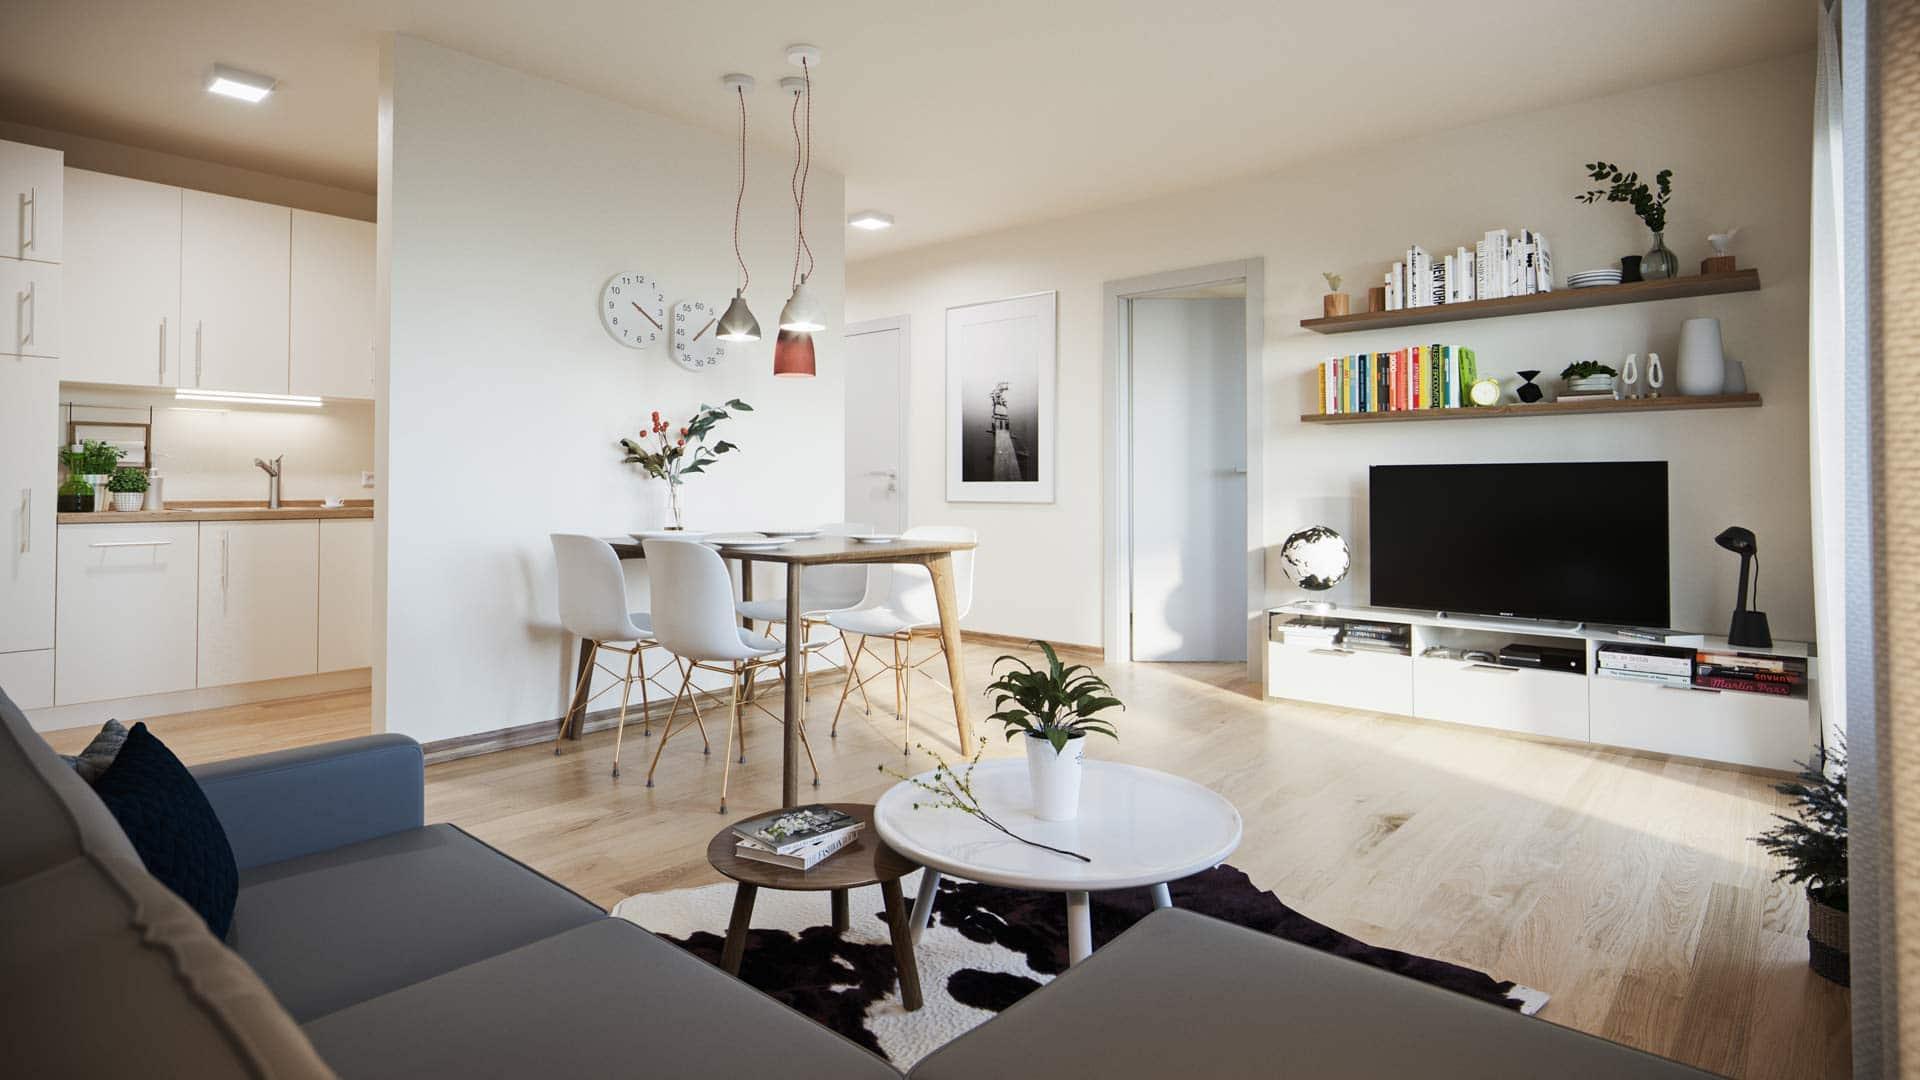 Projekt Villach Beispiel Innenausstattung Wohnzimmer graue Couch